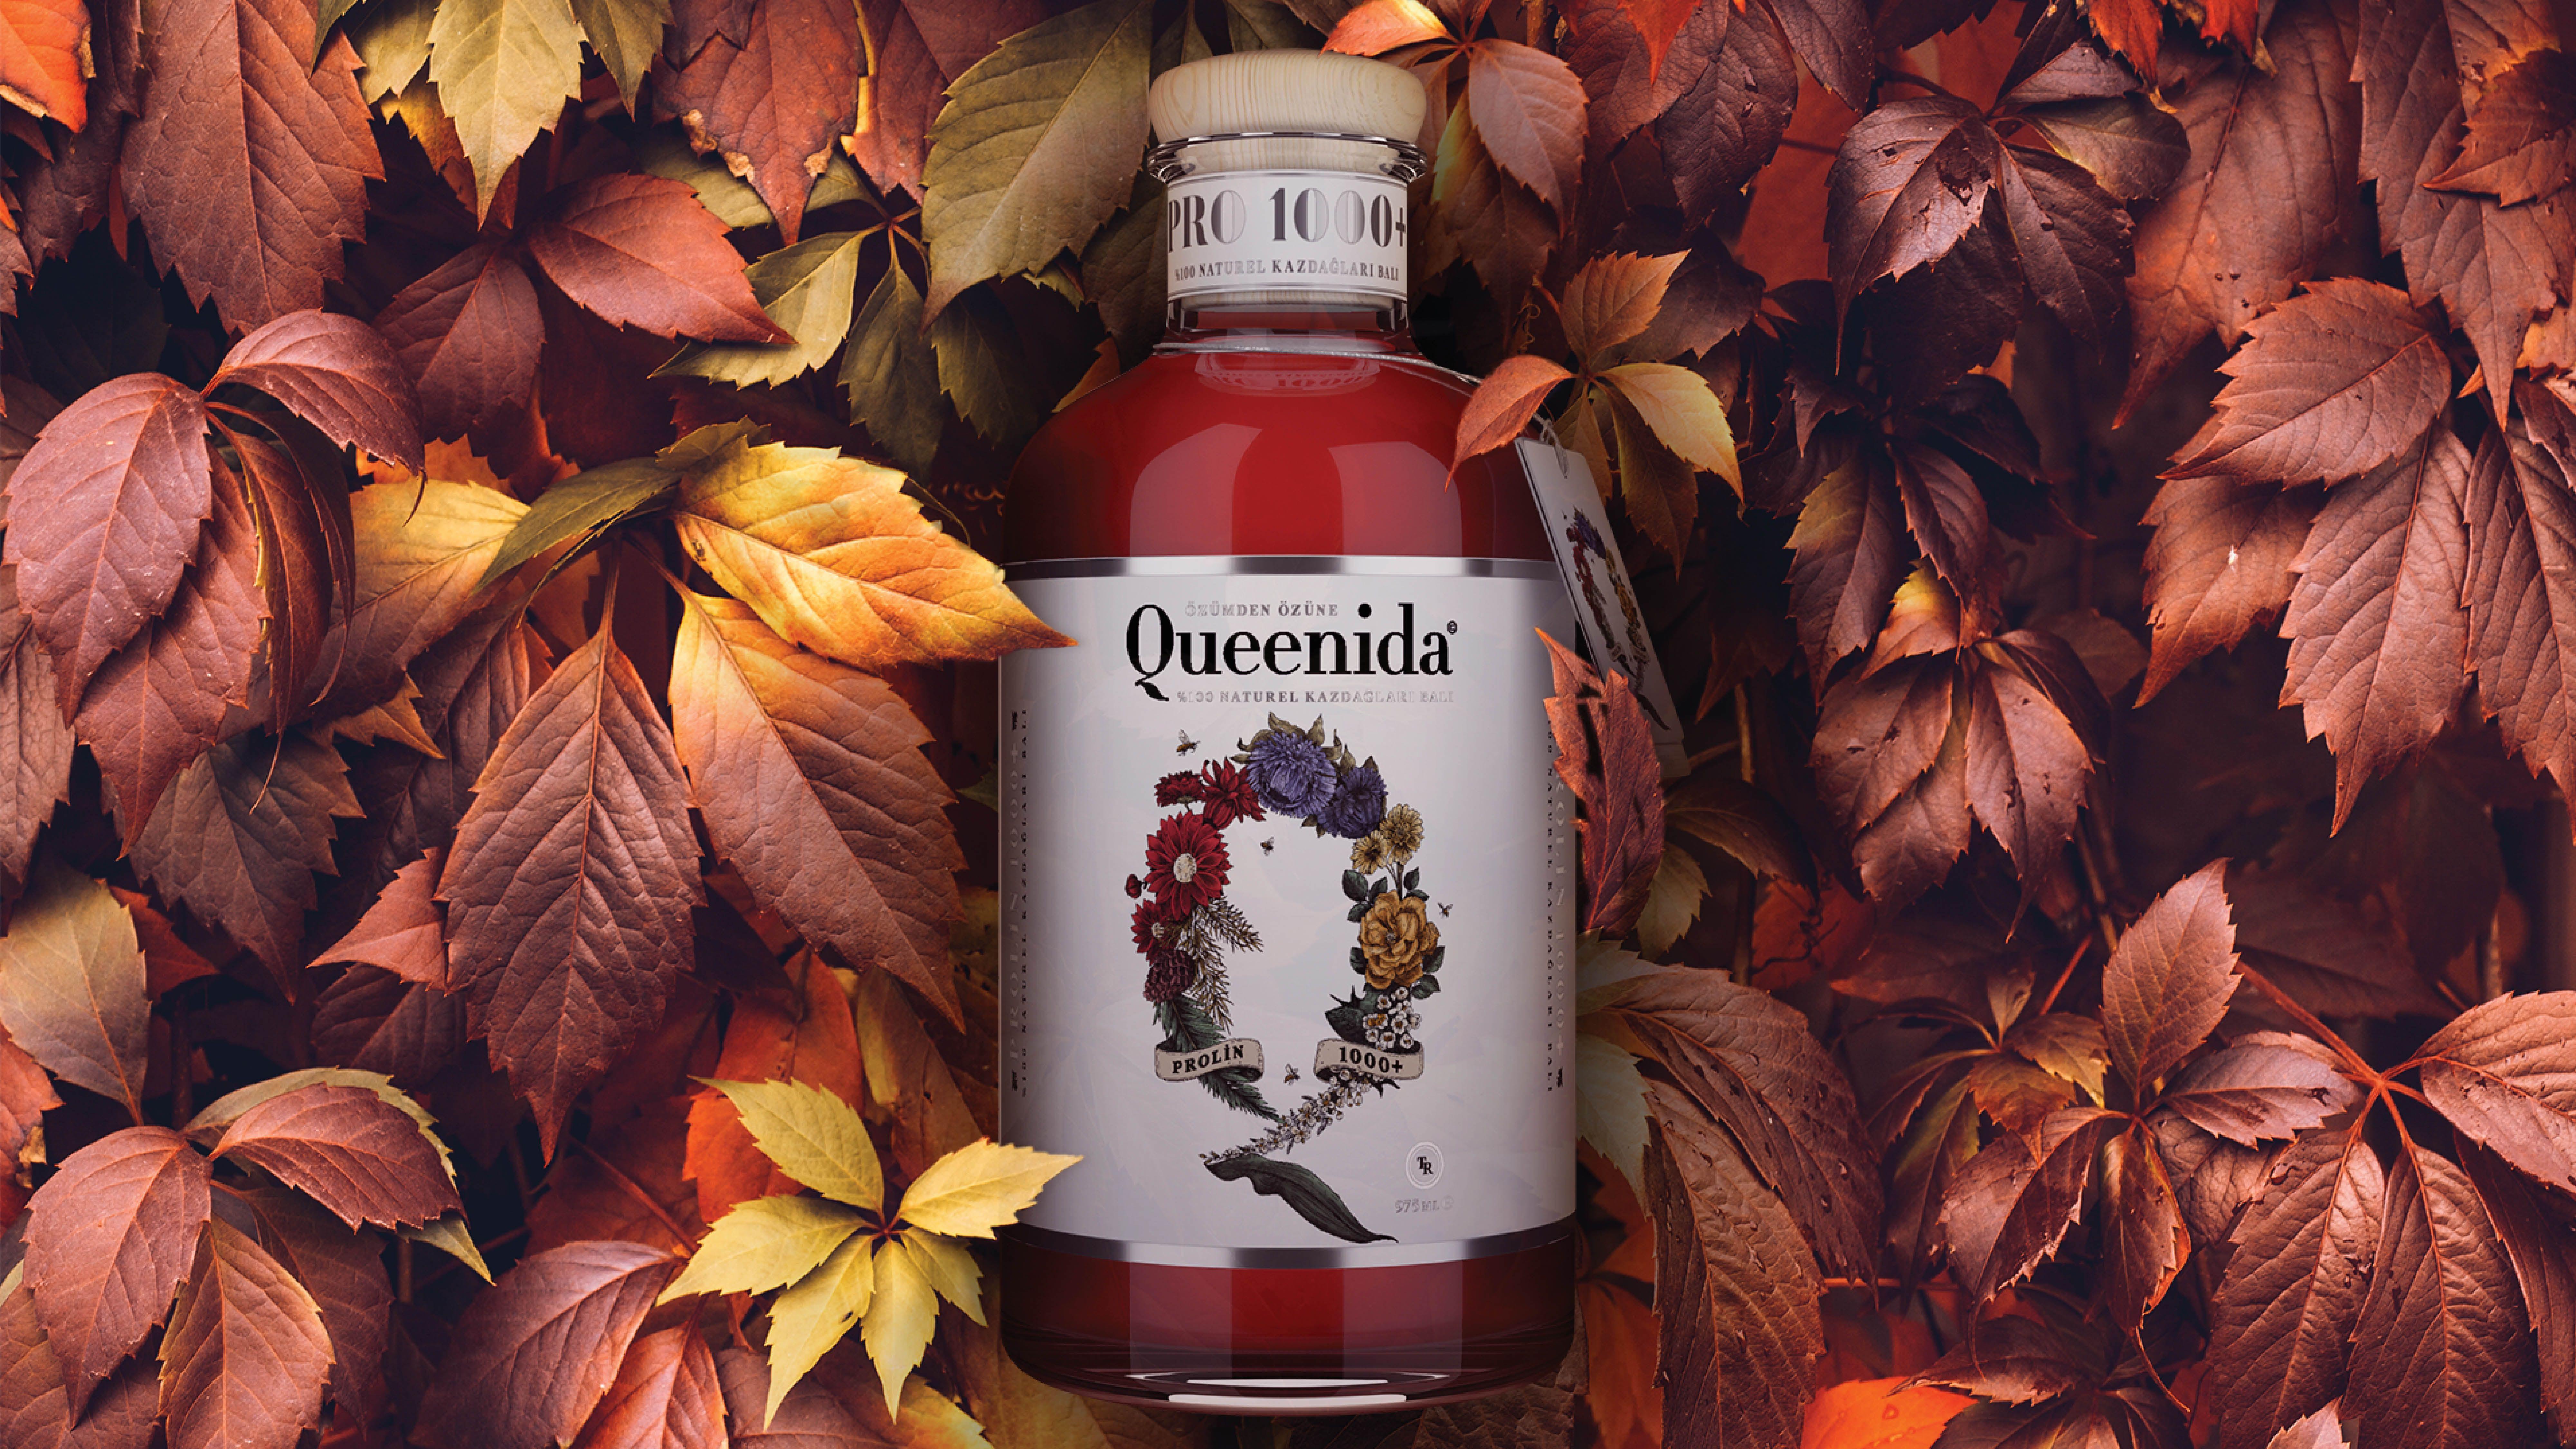 Queenida Honey Prolin 1000 Wine Bottle Natural Honey Organic Recipes